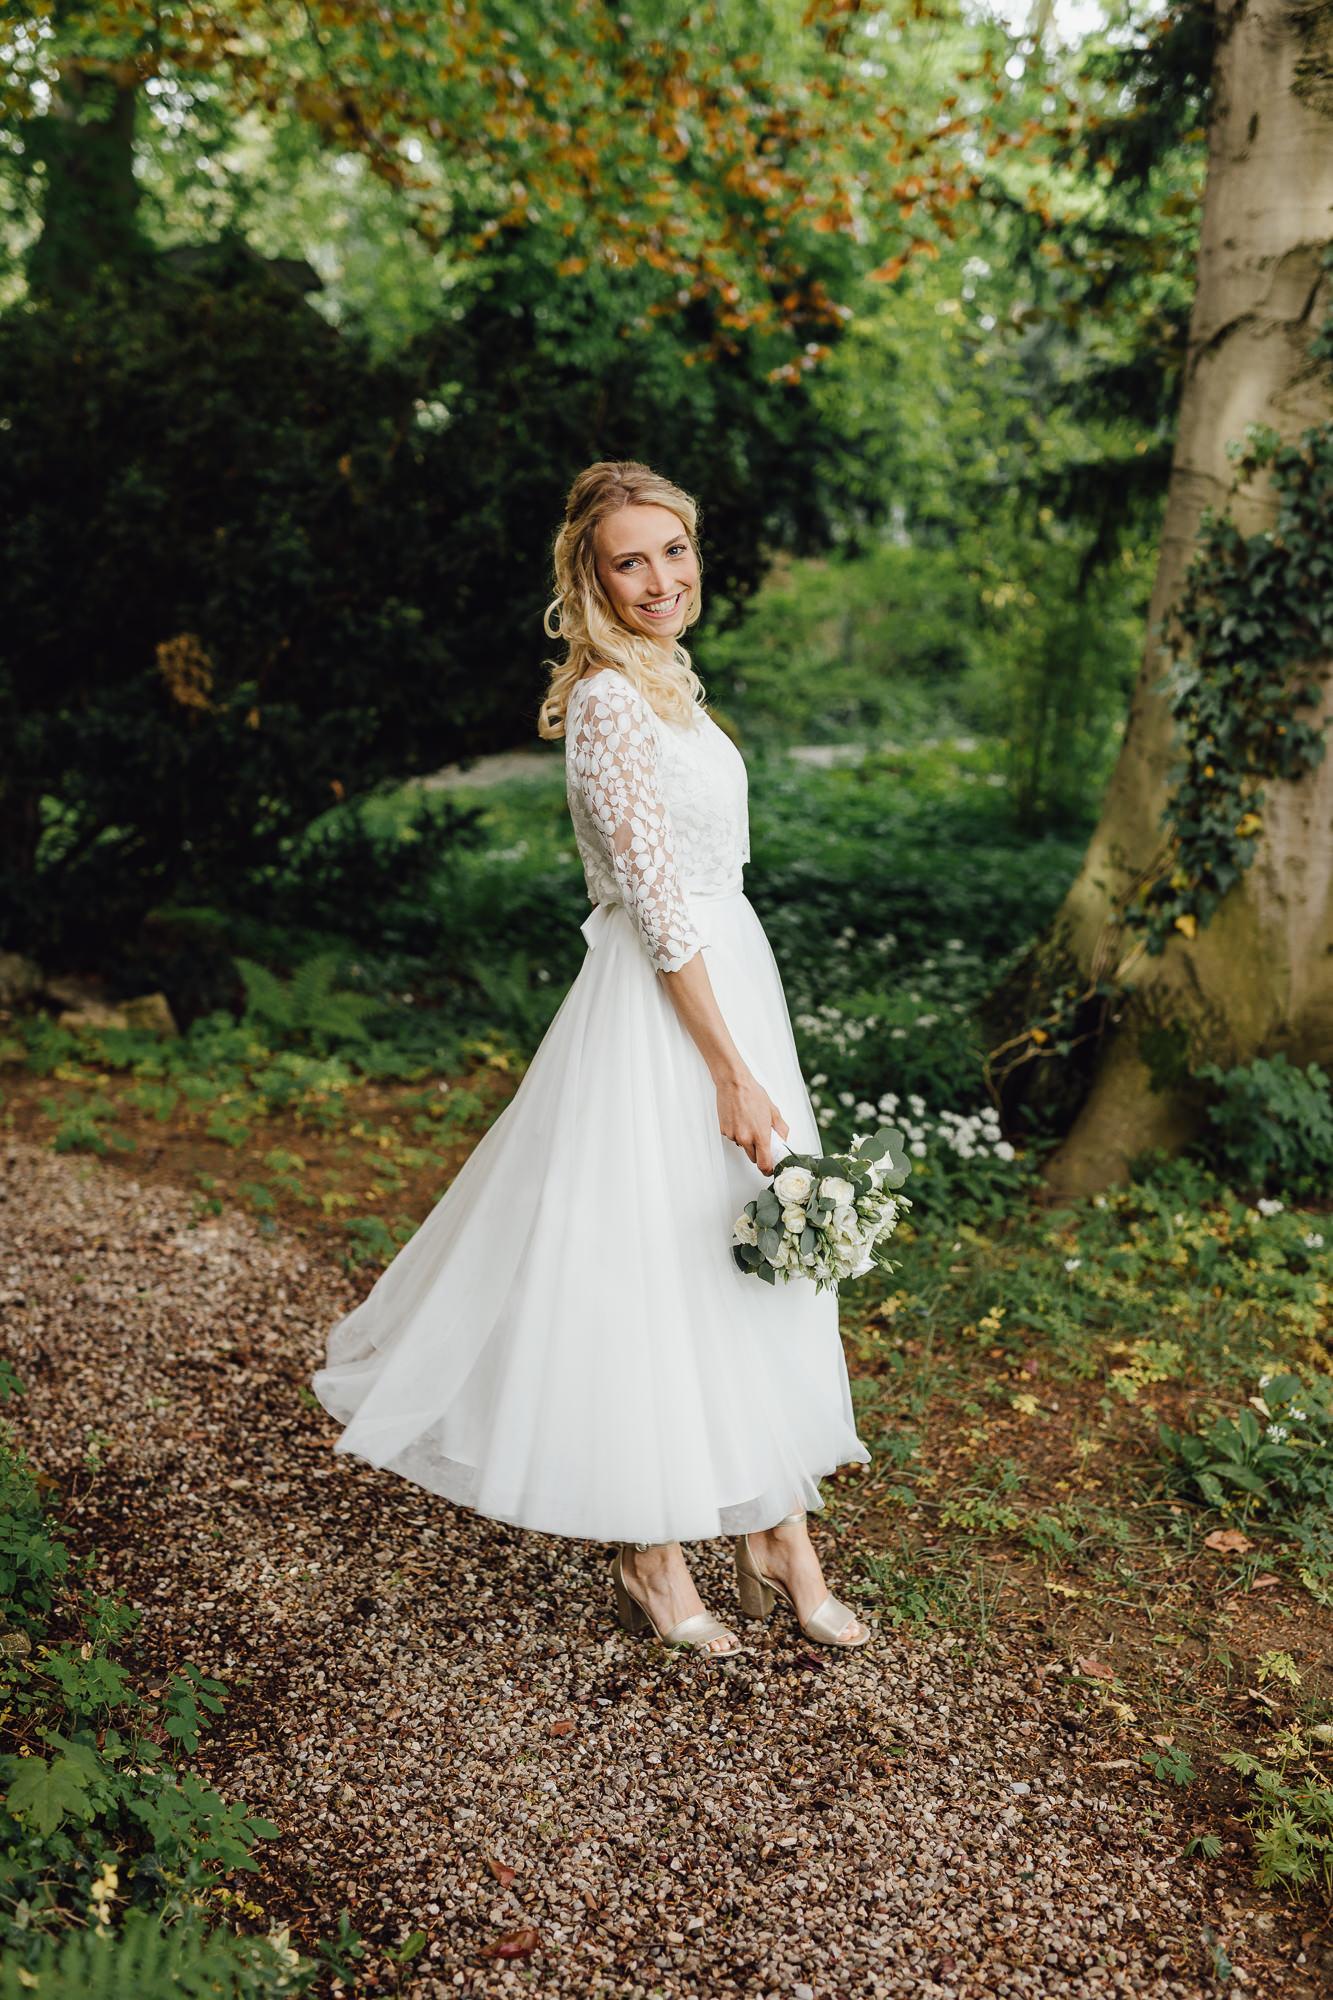 Wadenlanges Standesamt Kleid mit Spitze und Midi-Tüllrock (Foto: Manuela Marks Fotografie)